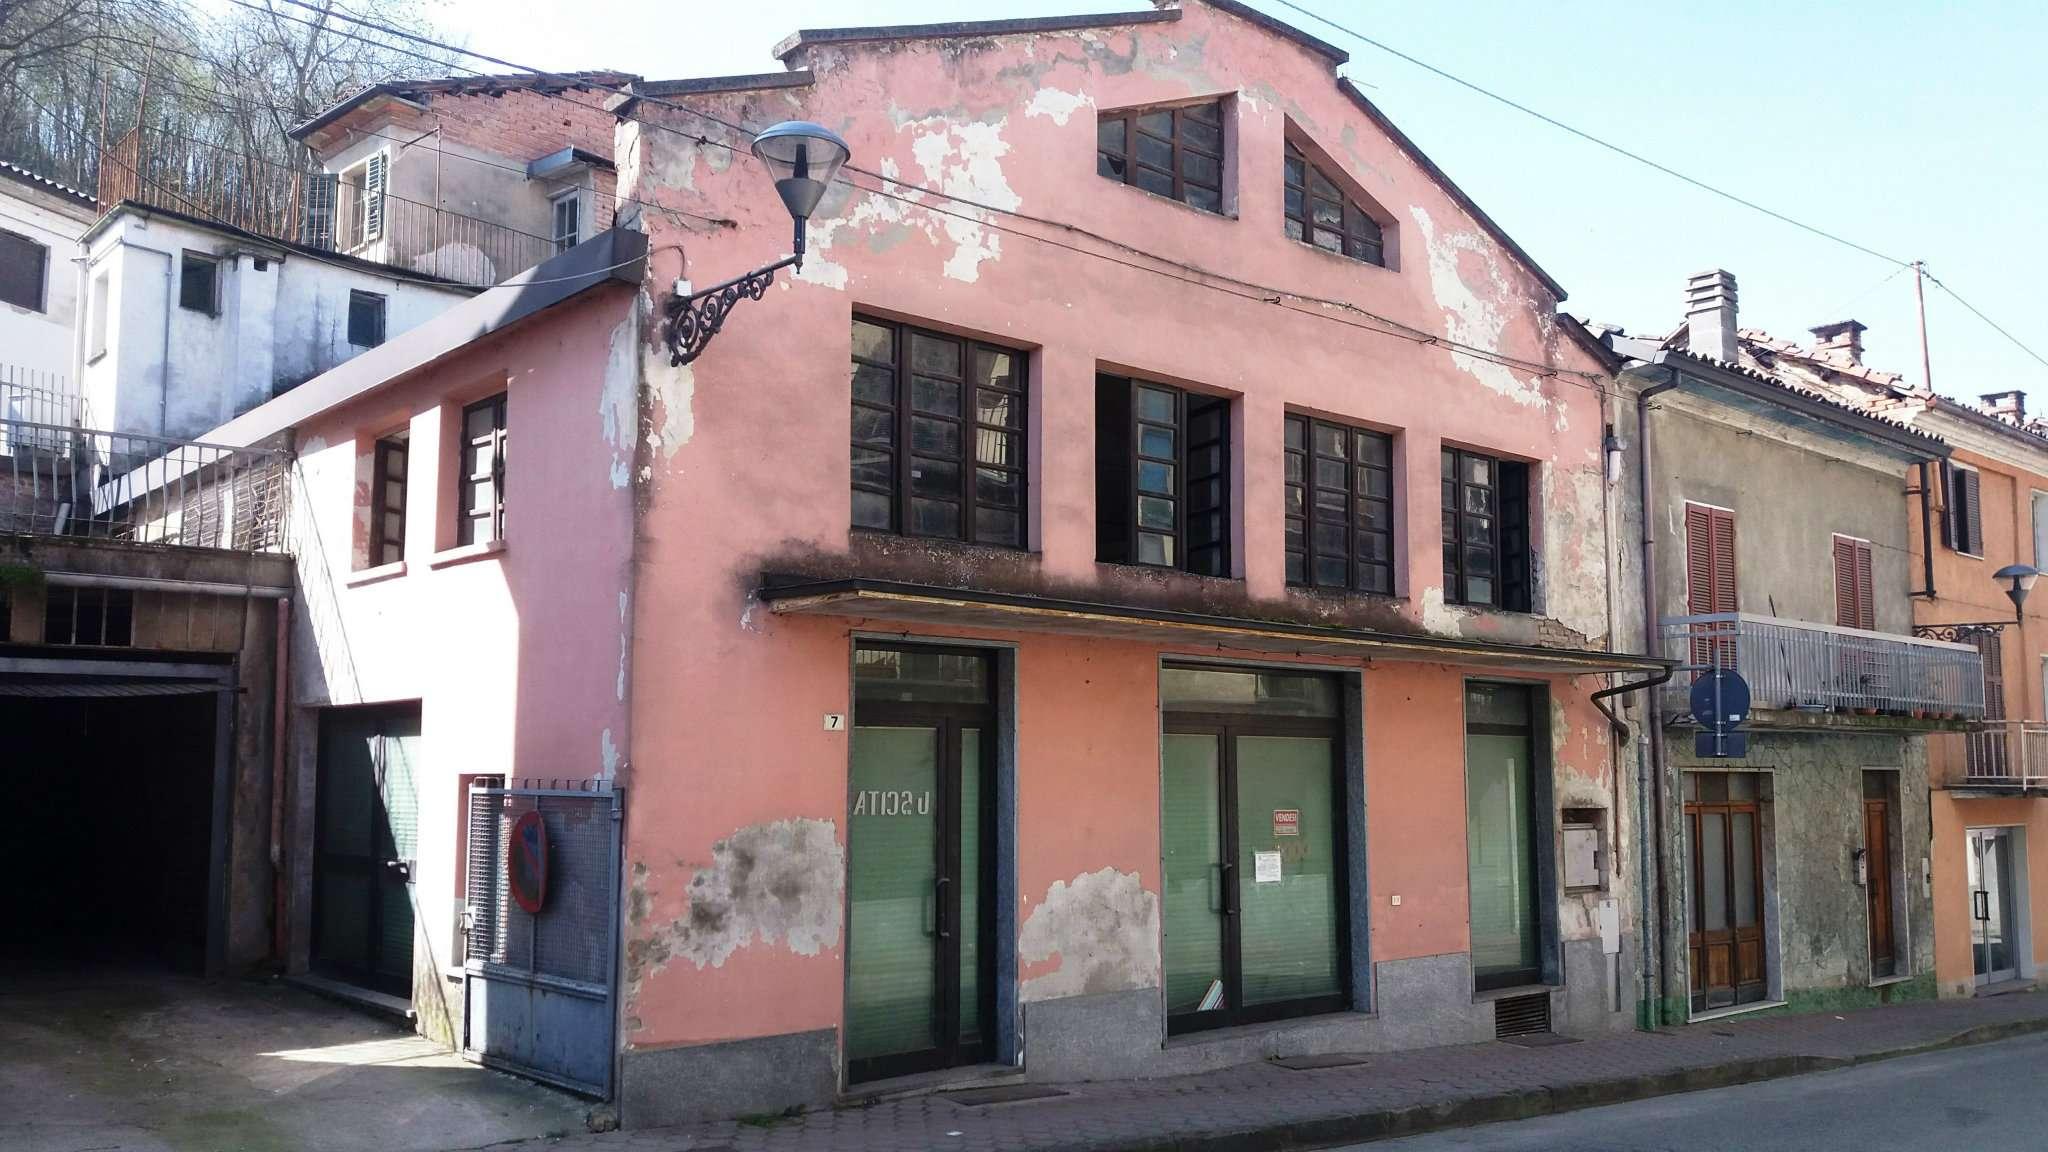 Negozio / Locale in vendita a Mombercelli, 4 locali, prezzo € 68.000 | Cambio Casa.it